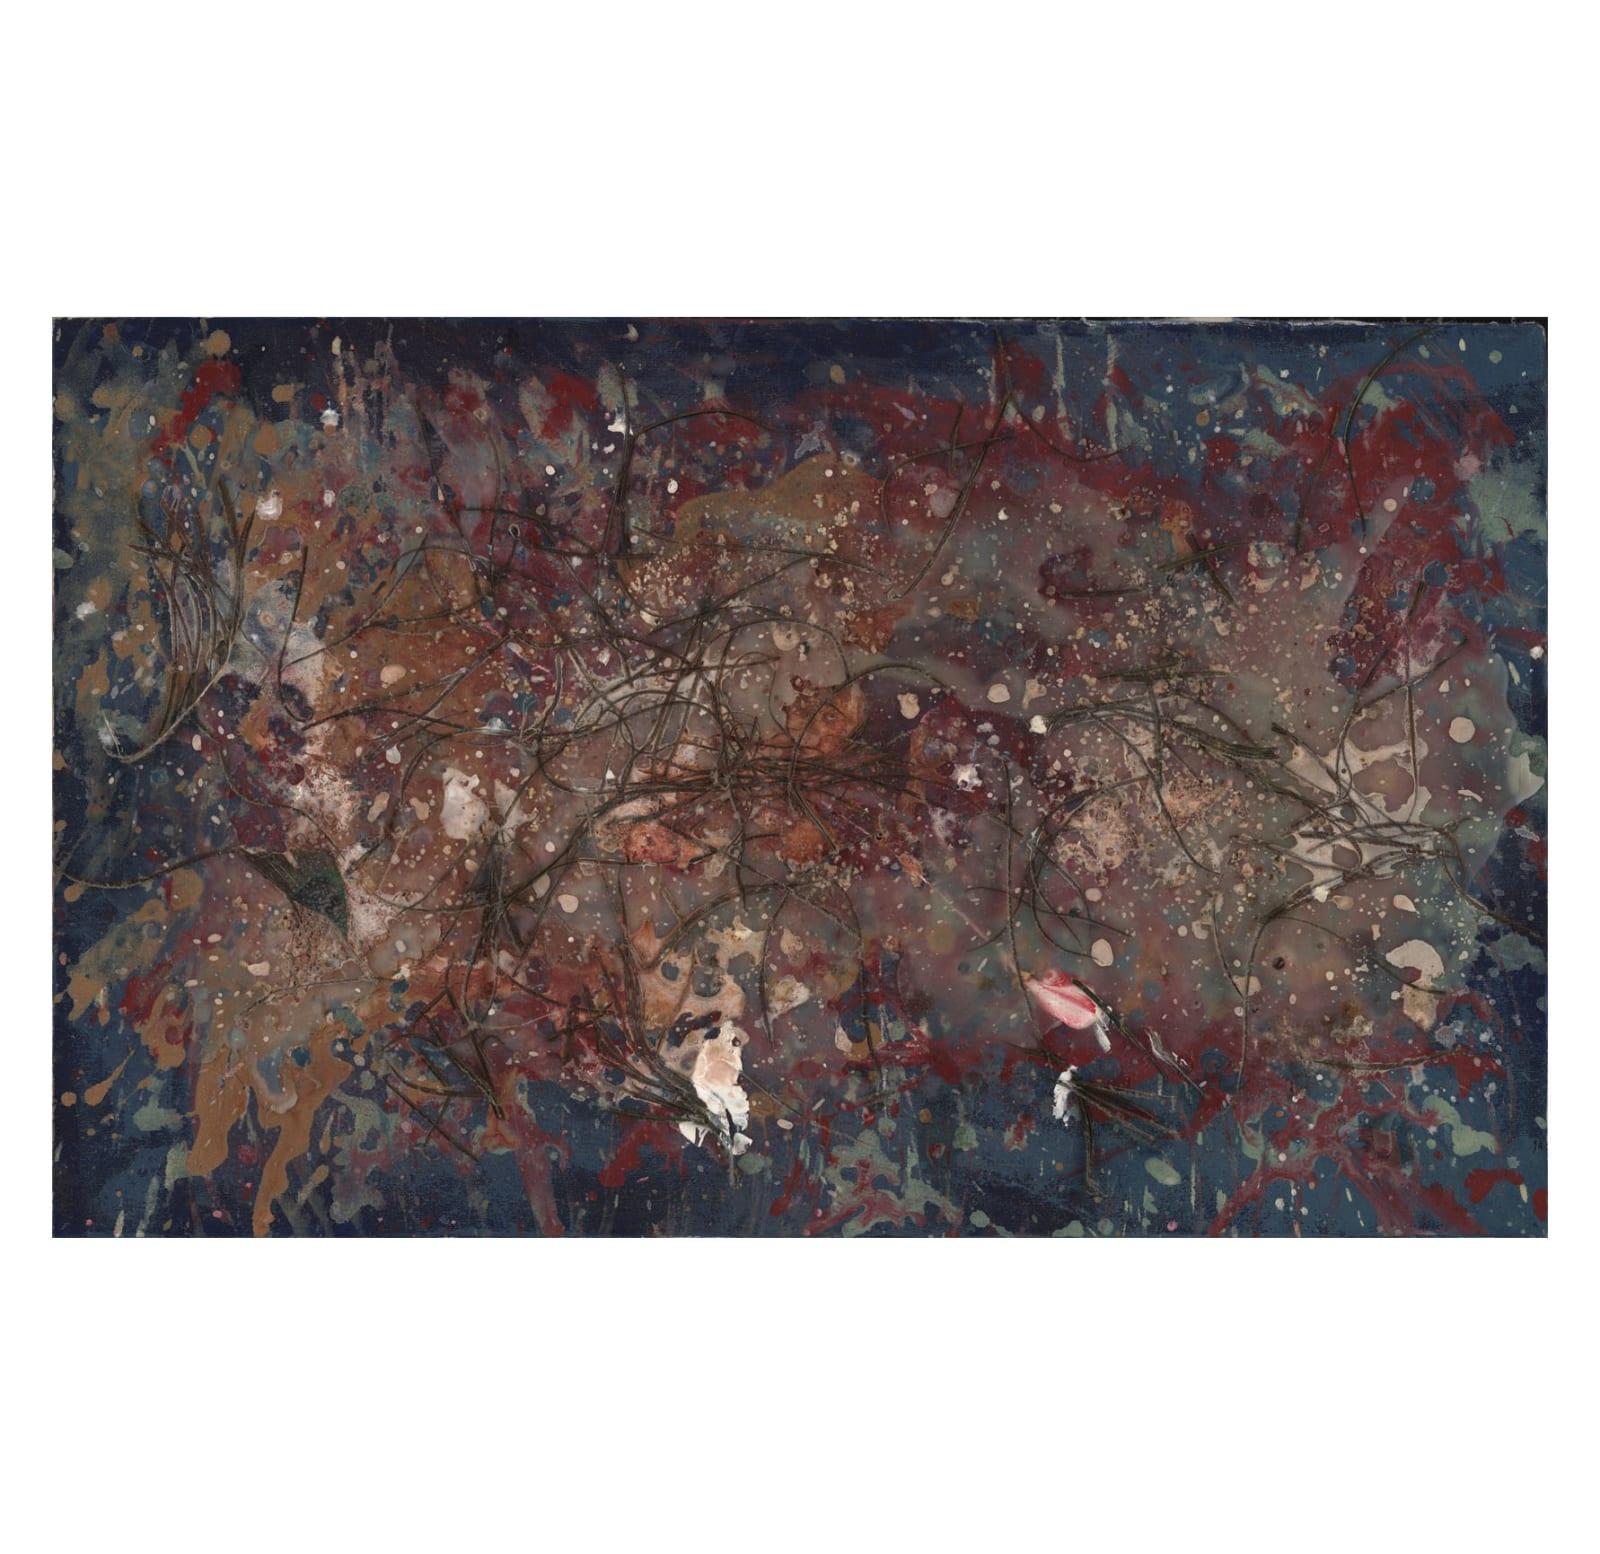 Lyric Joplin, Cosmos, 2005